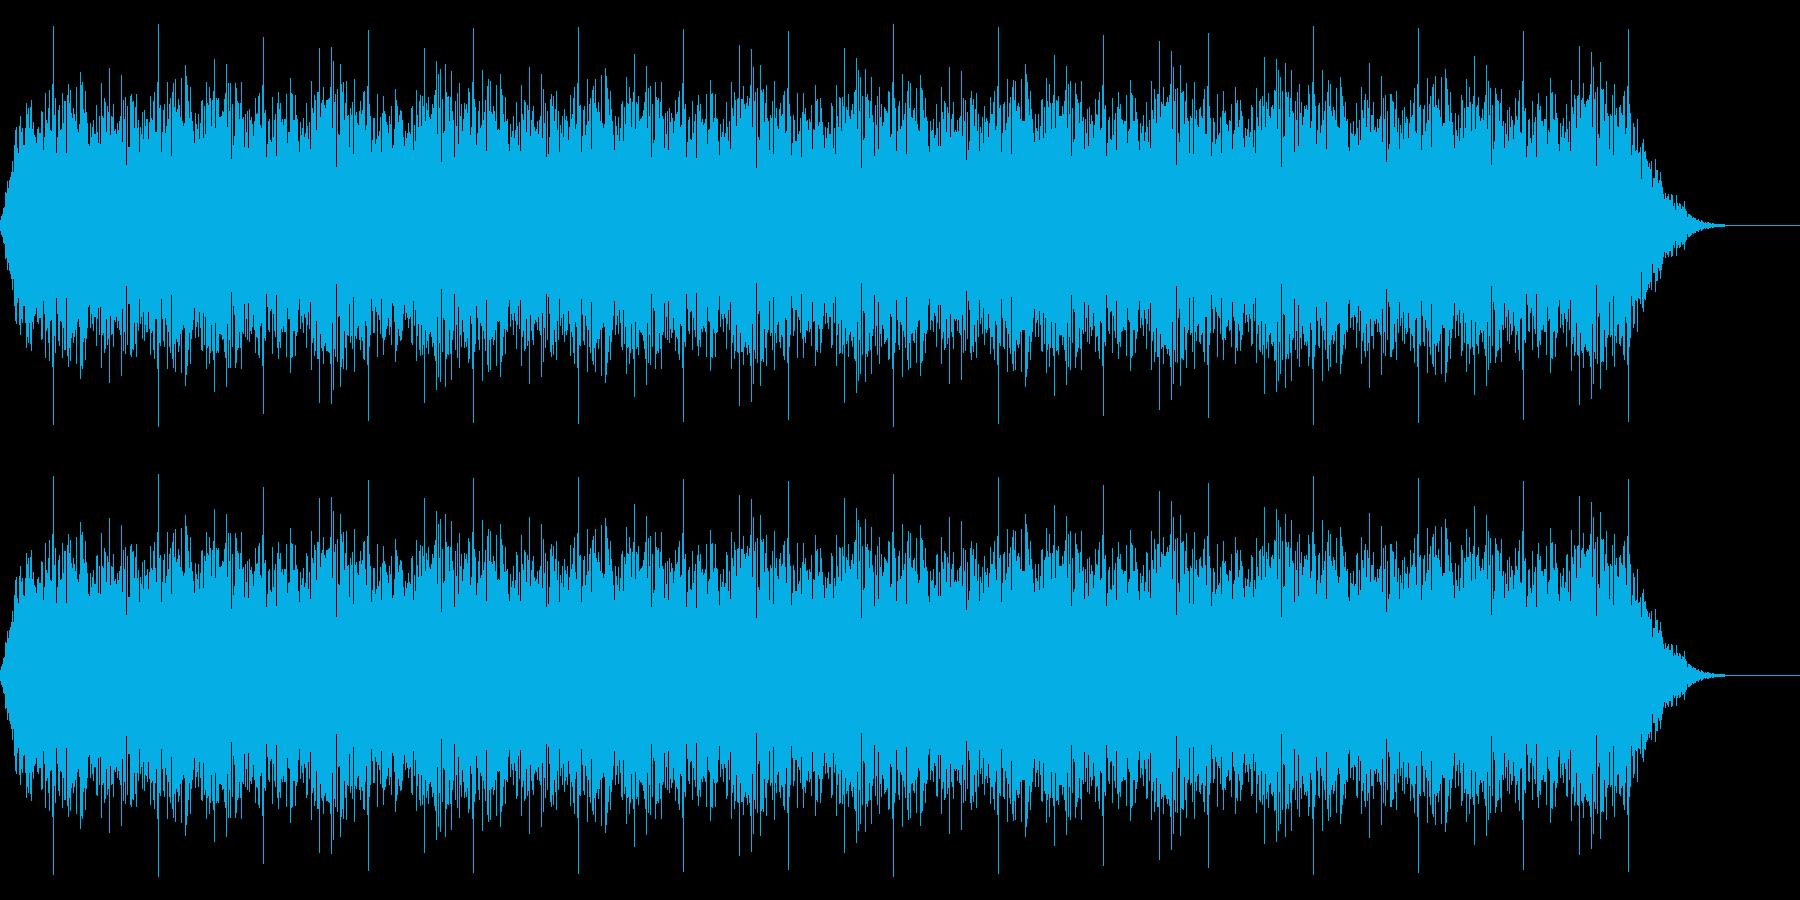 アニメにありそうなエネルギー弾(連射)の再生済みの波形